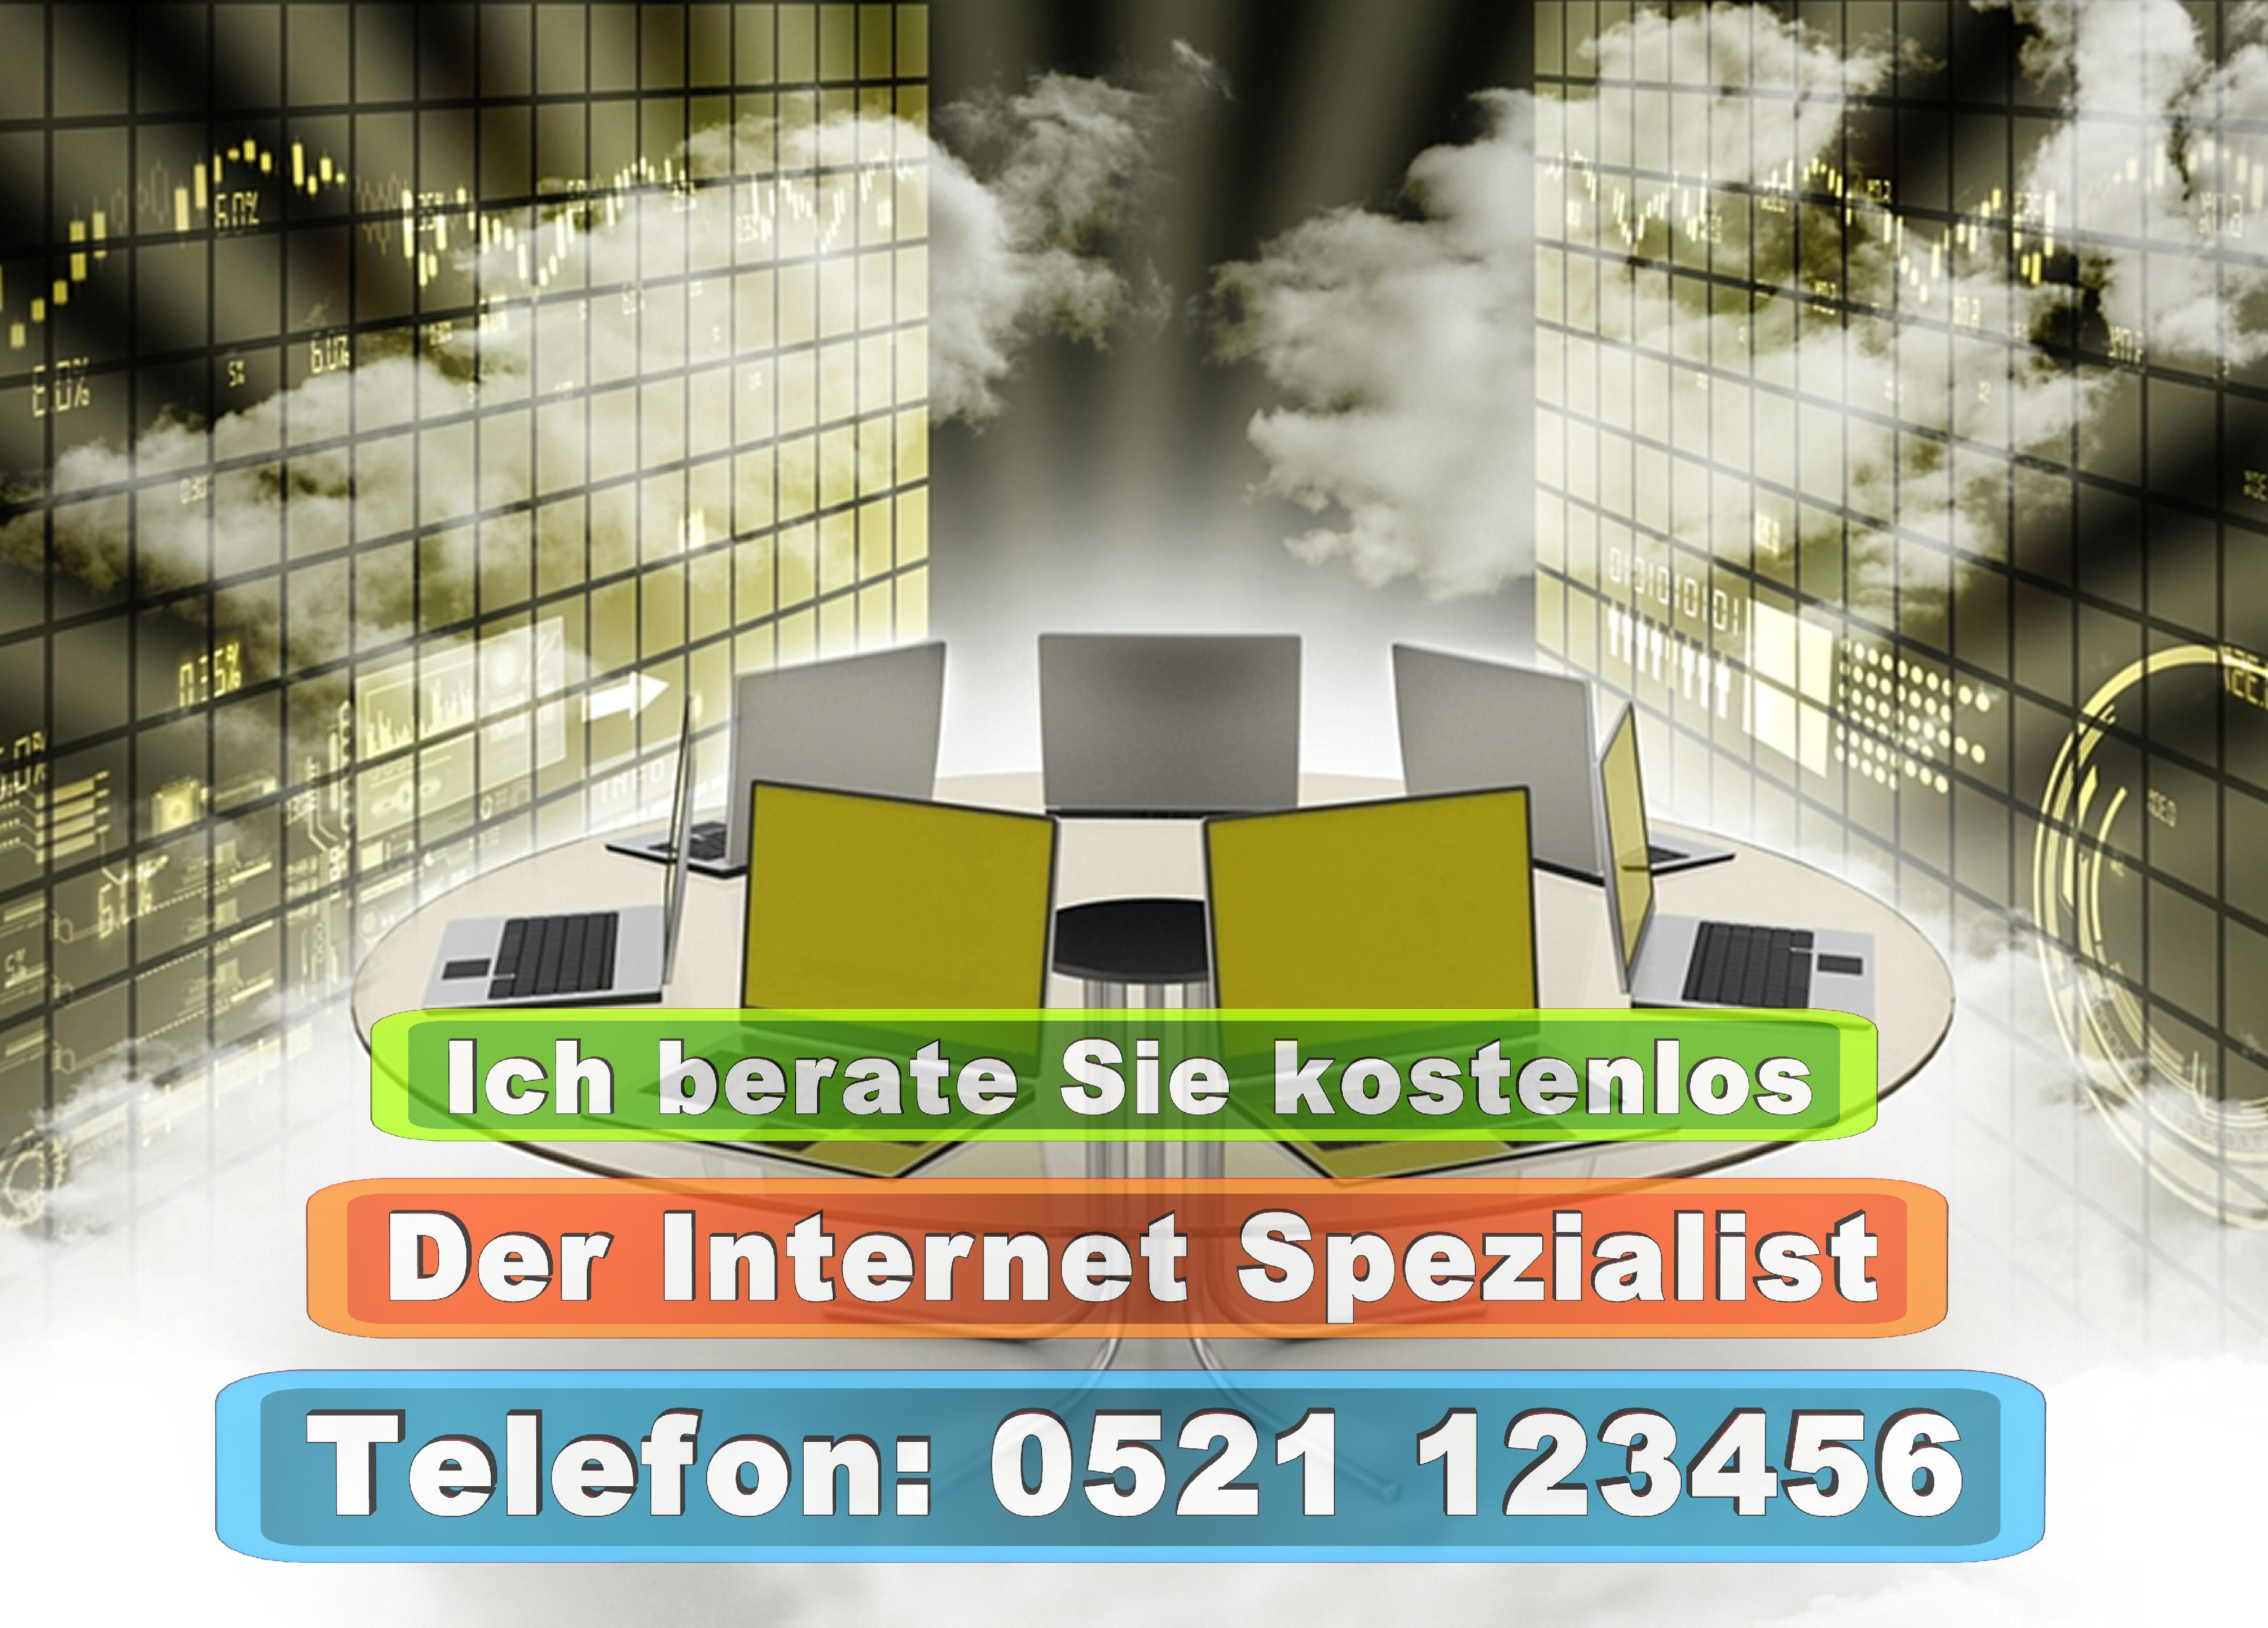 Werbeagentur Bielefeld Druckerei Bielefeld Prospekte Zeitung Visitenkarten Poster Werbung Print Presse Druck Fotografie Fotos Internet (17)